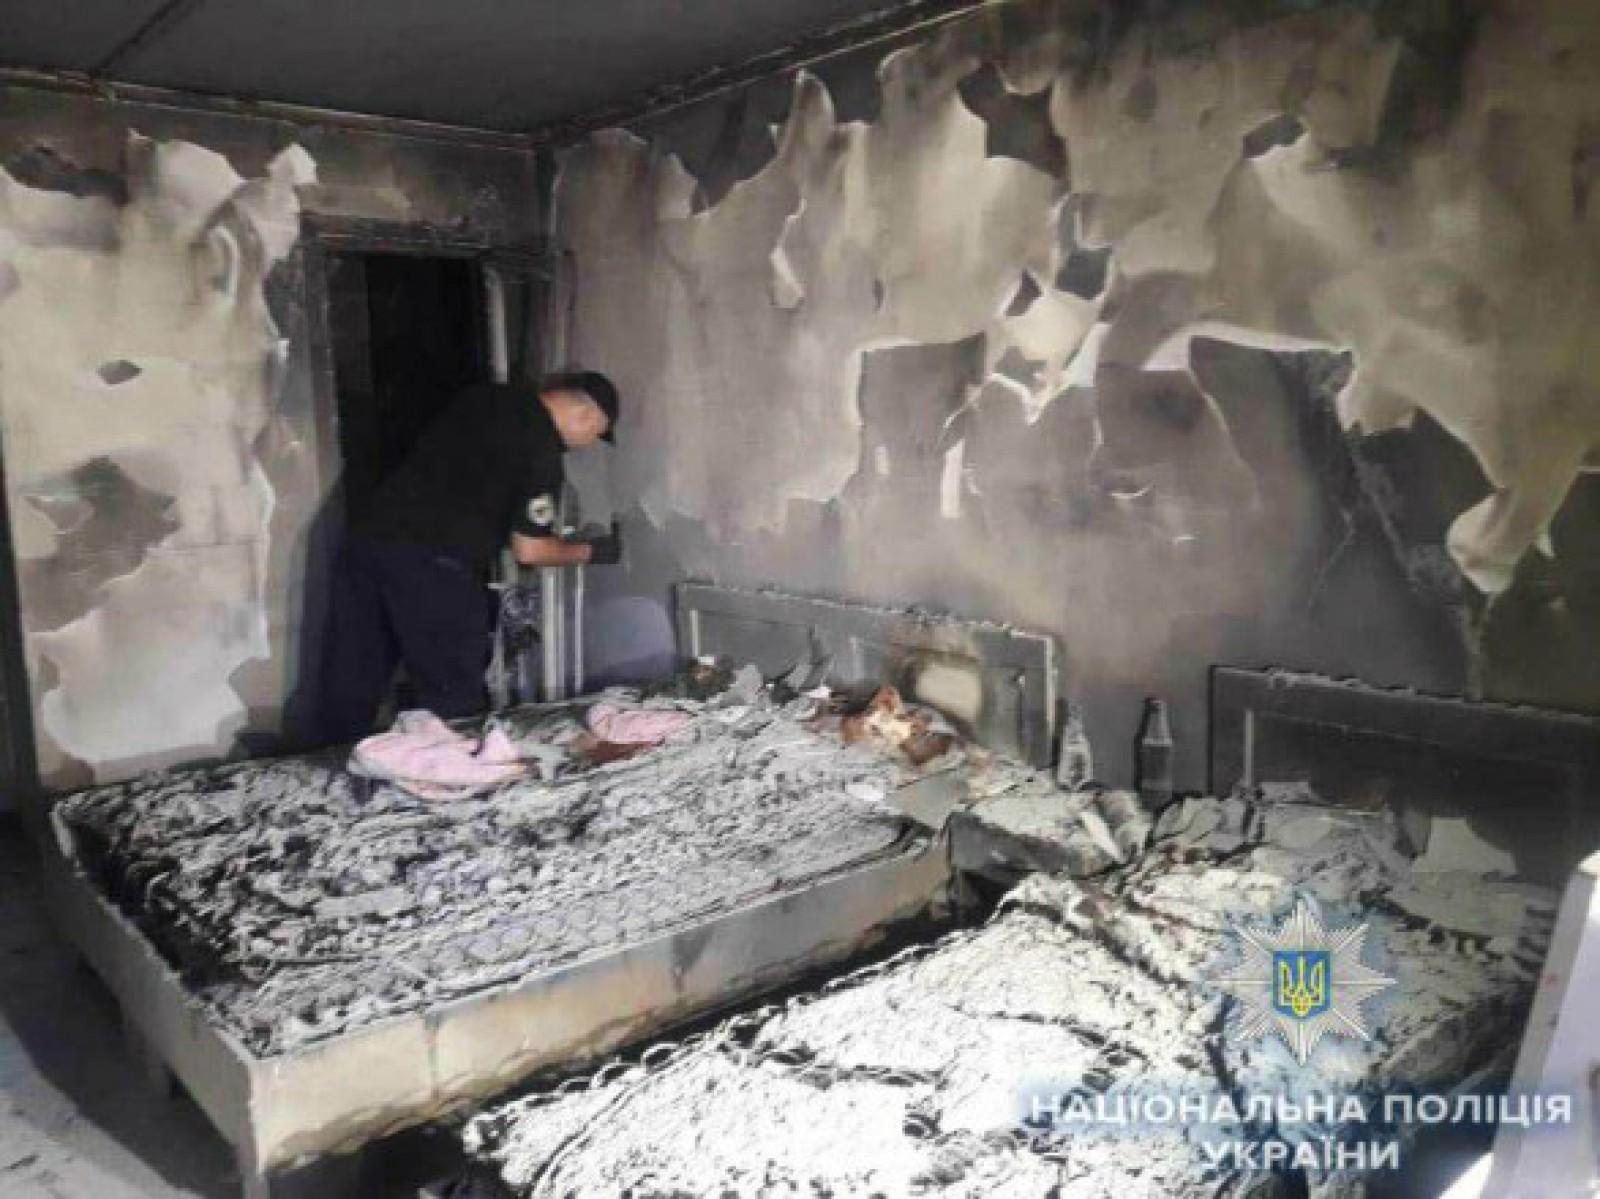 Explozie la o bază de odihnă din Zatoka: Un moldovean ar fi provocat incidentul. Acesta a suportat arsuri pe 70% din suprafața corpului